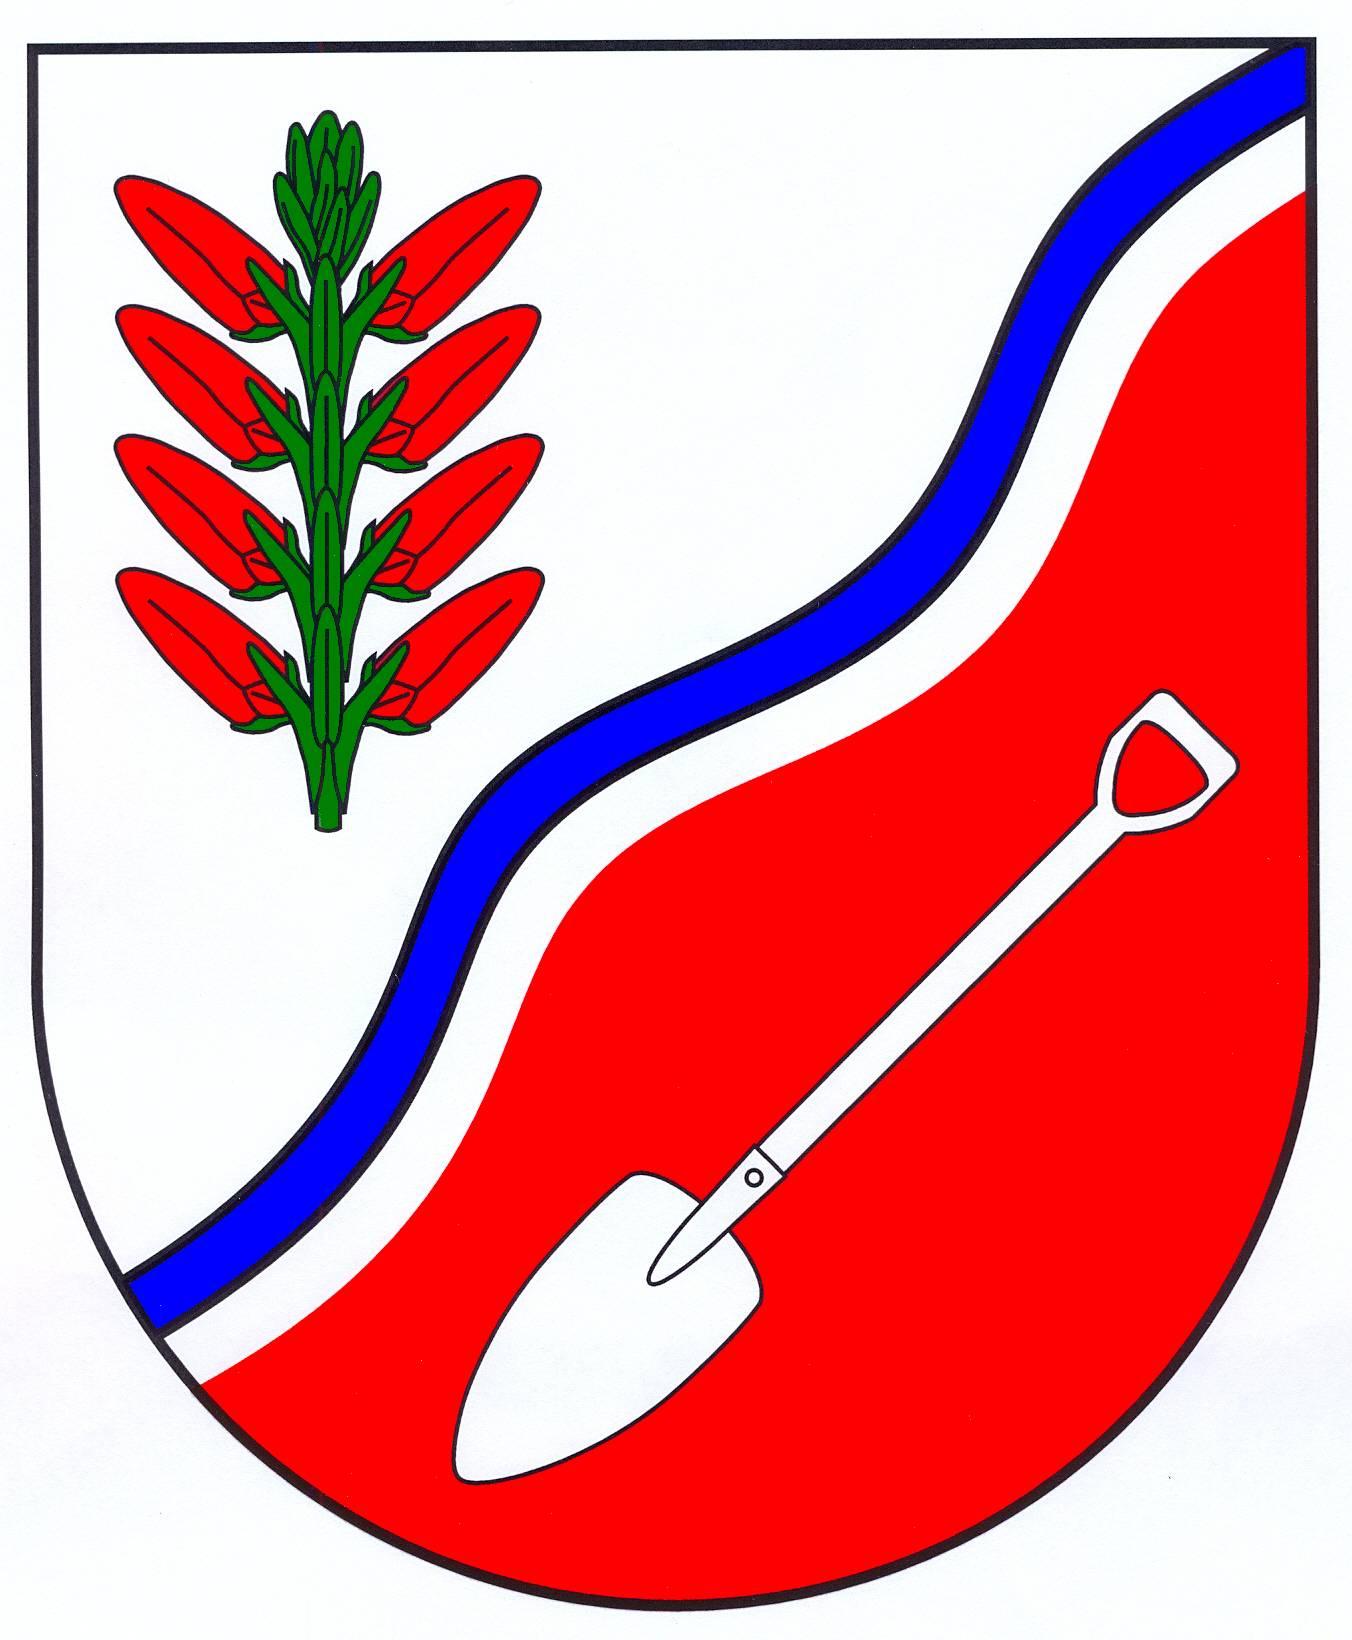 Wappen GemeindeHeidgraben, Kreis Pinneberg